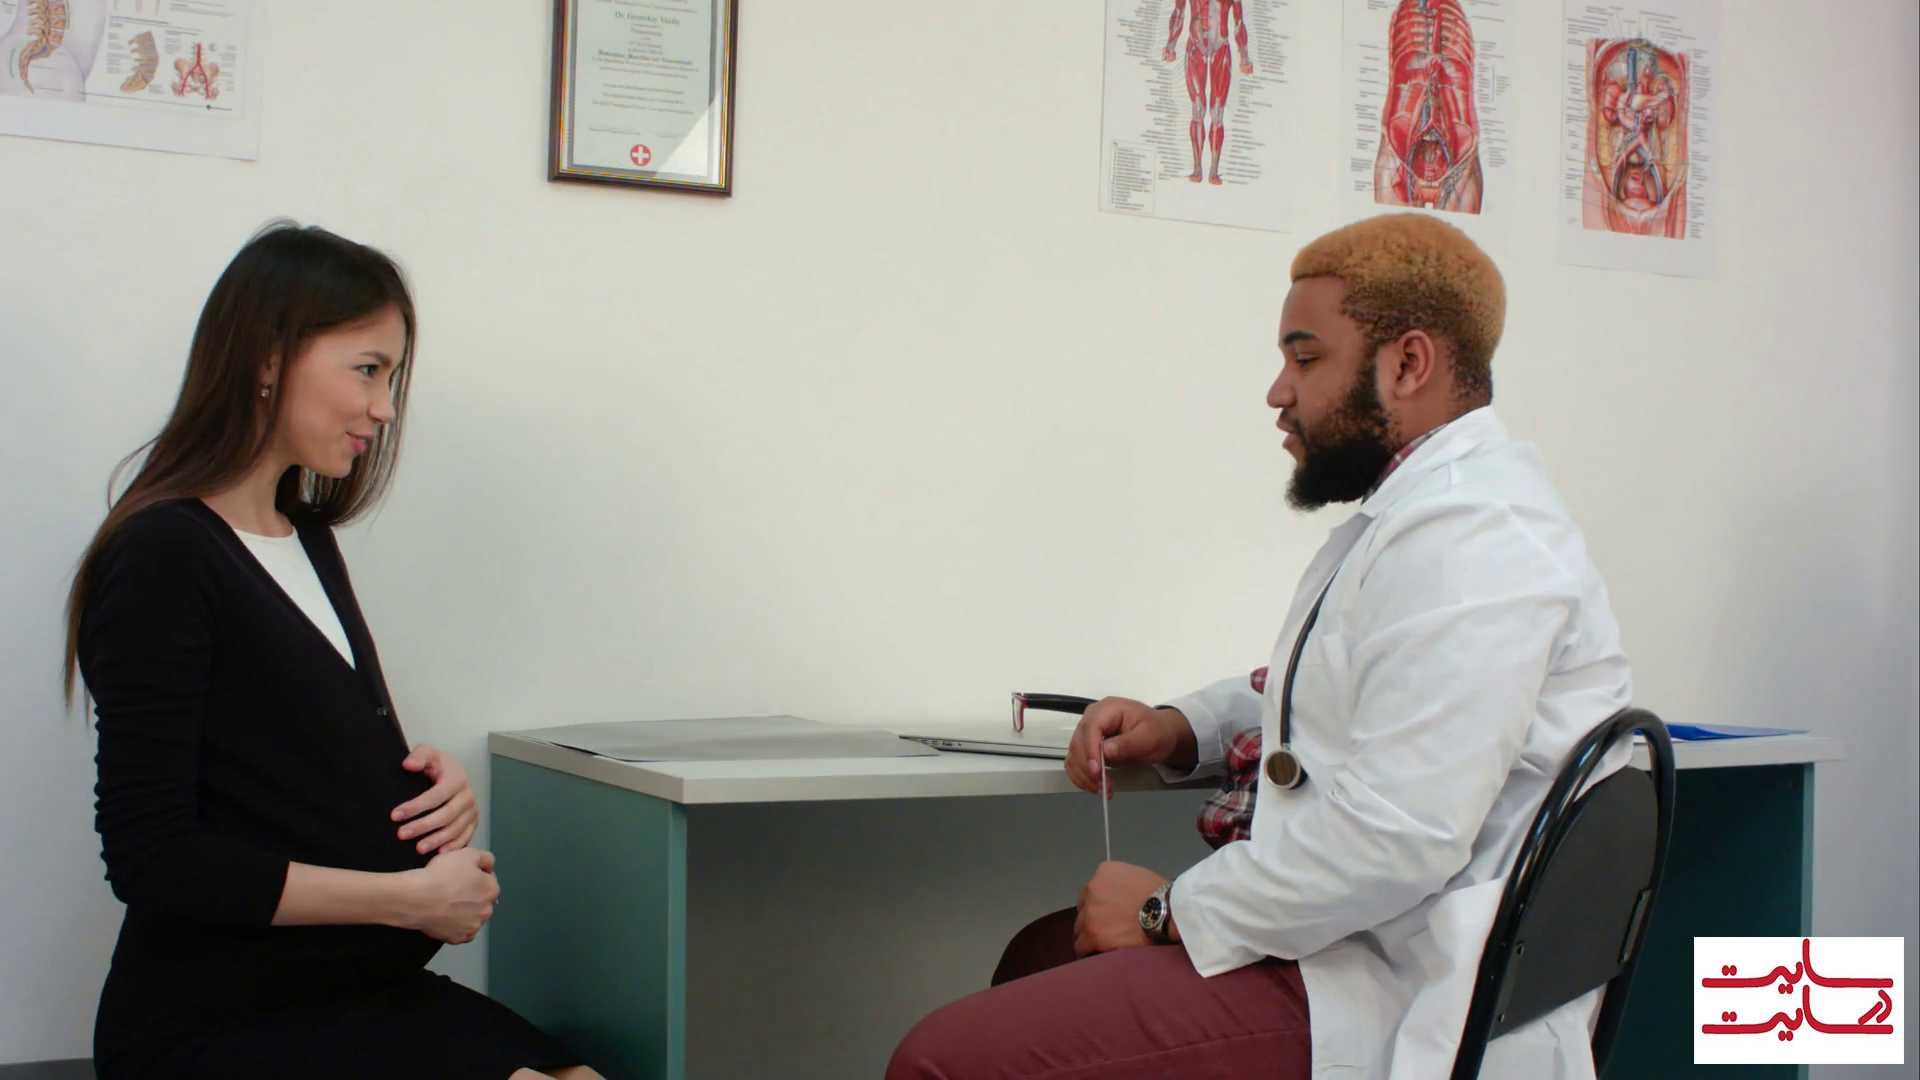 دکتر در حال صحبت کردن و راهنمایی دادن به خانم باردار